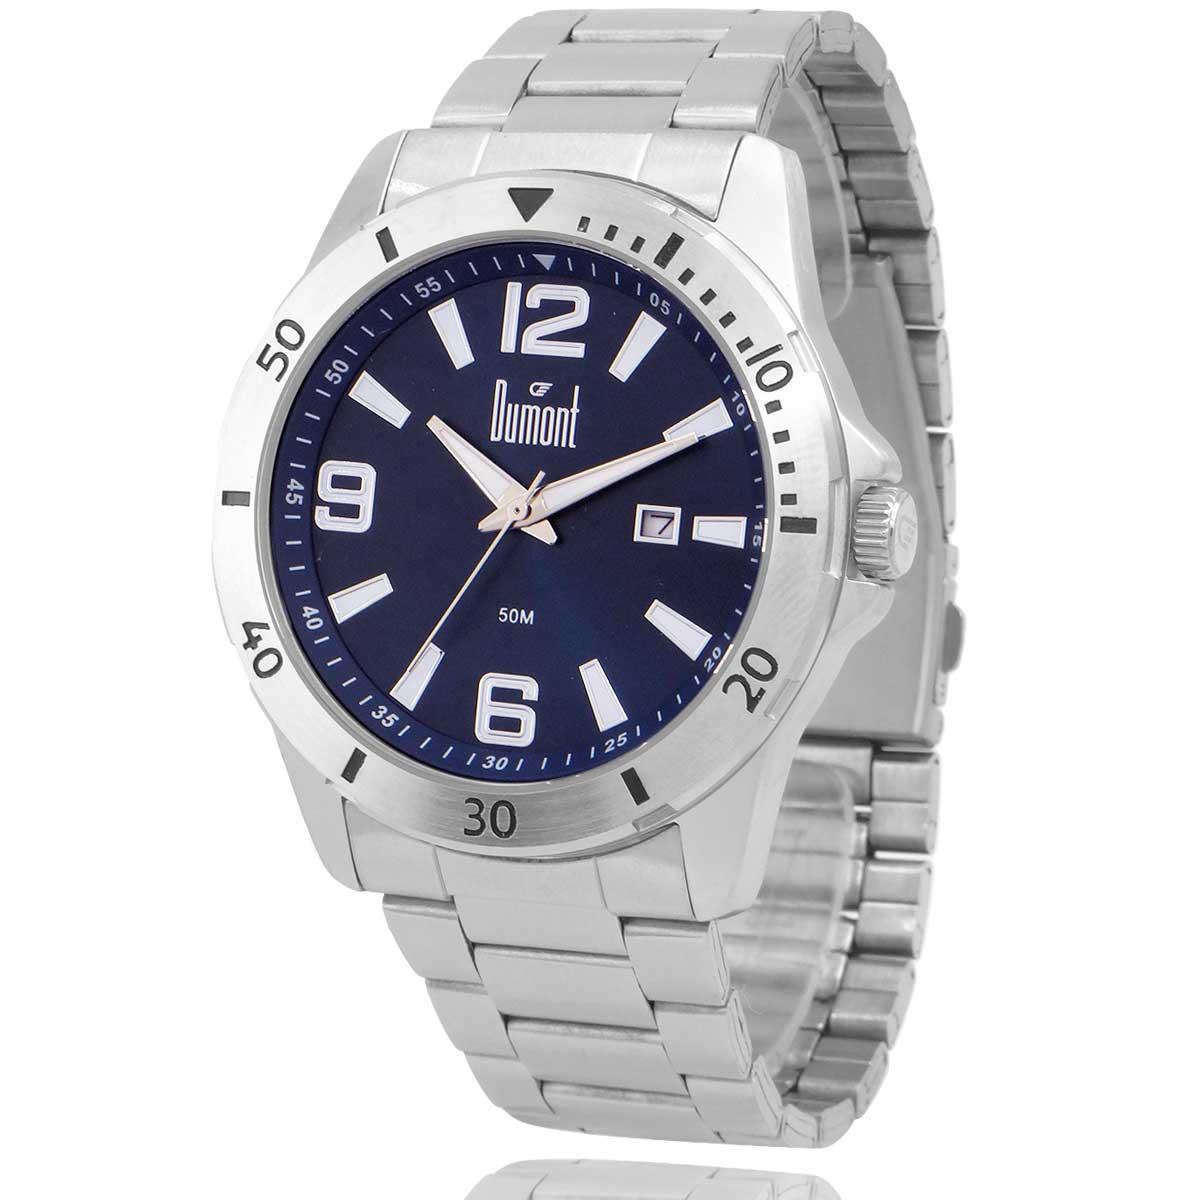 Relógio Dumont Masculino Prata e Azul com Carteira Lebrave de Brinde DU2115AAR4A